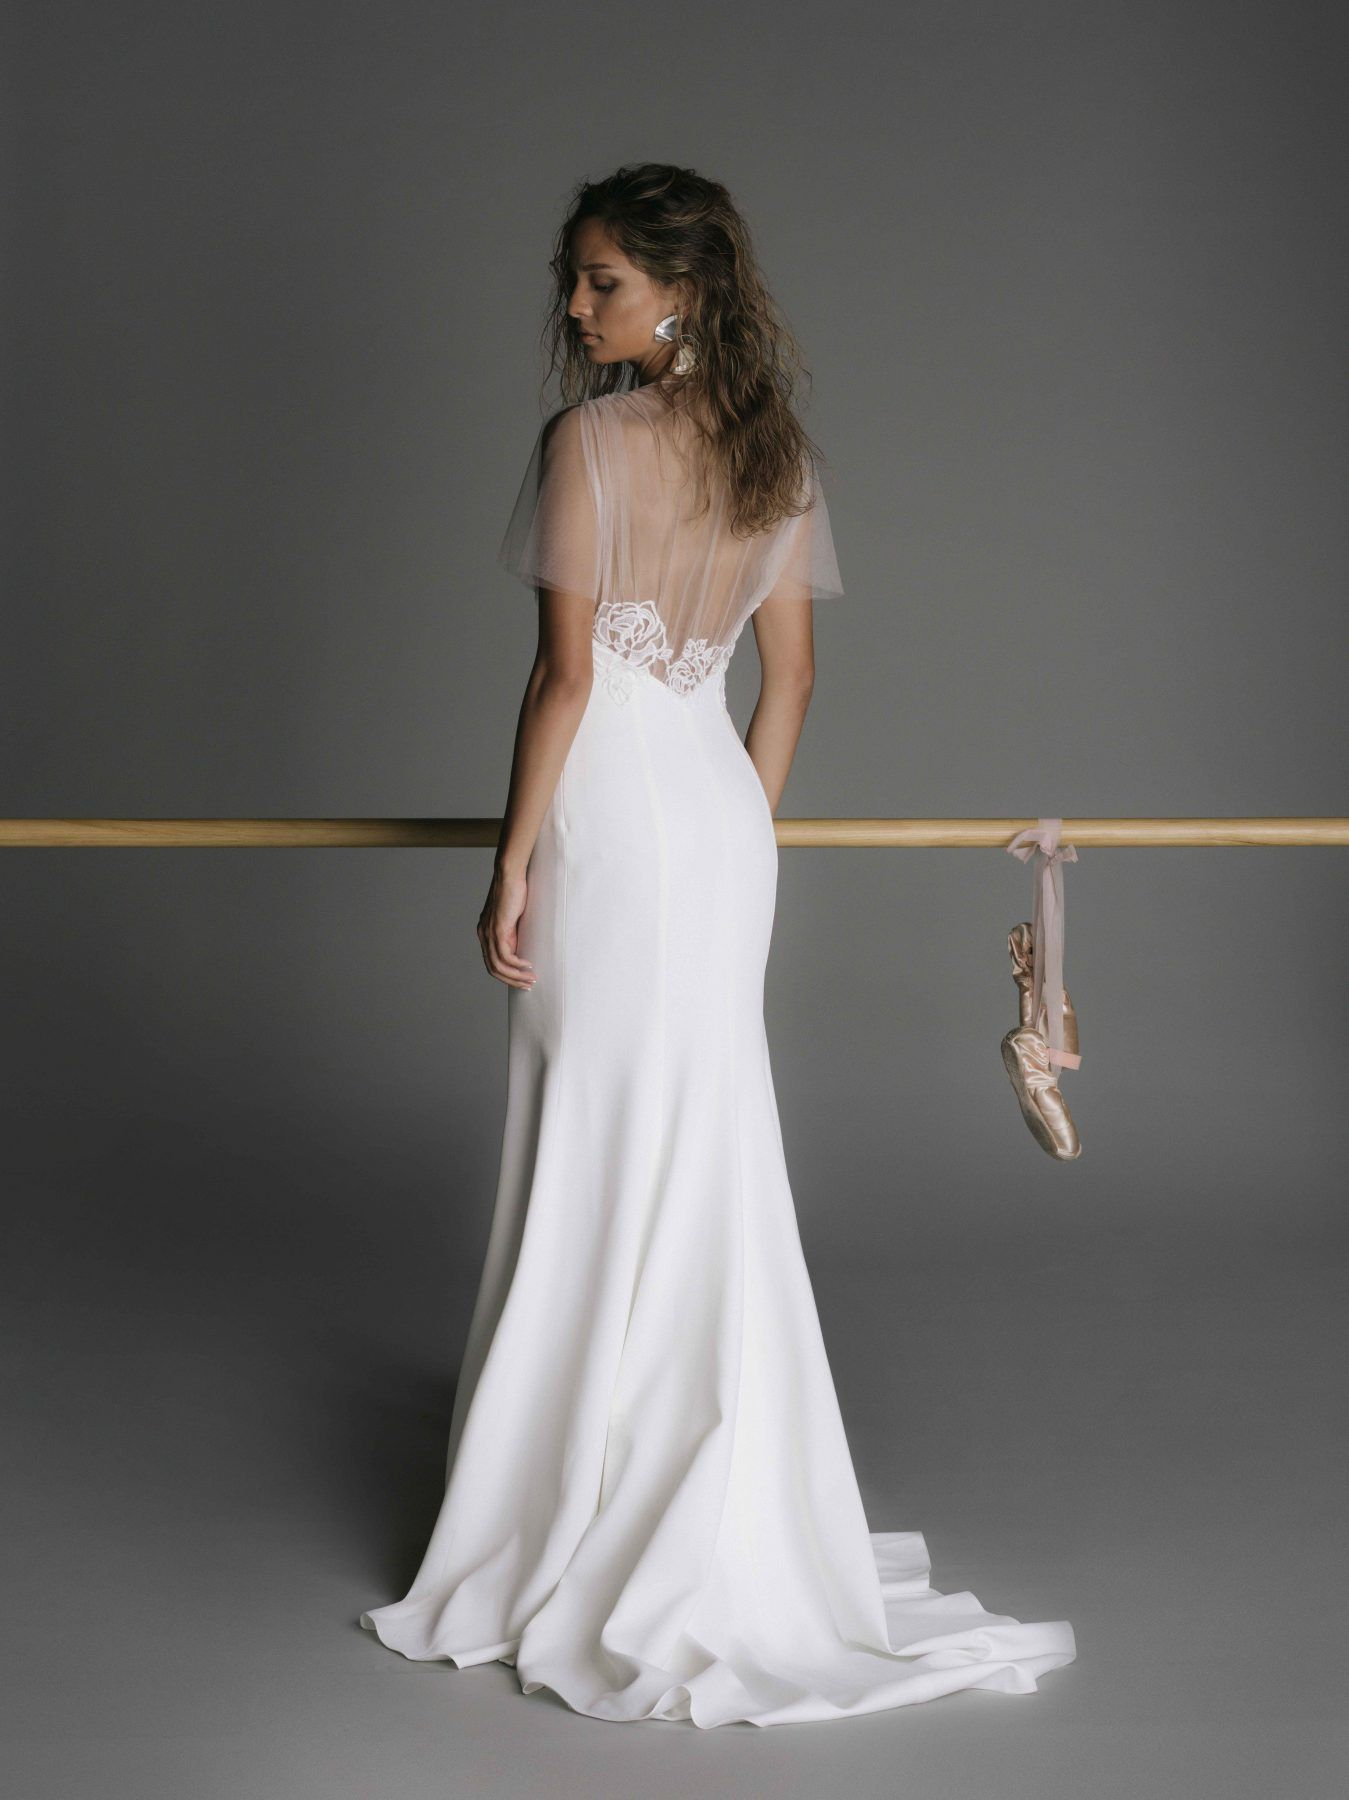 Rime arodaky wedding dresses in pinterest rime